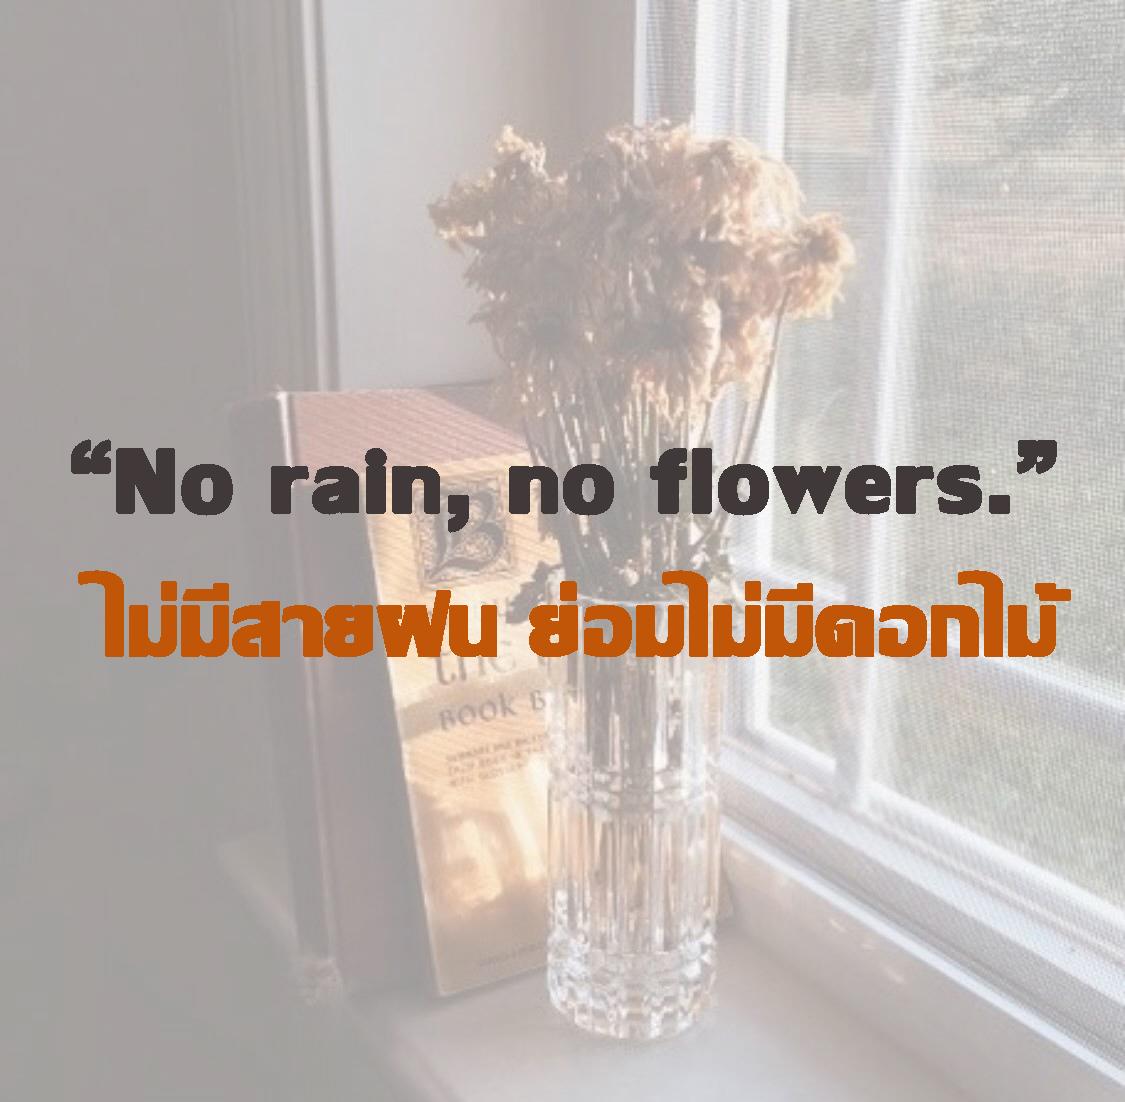 ไม่มีสายฝน ย่อมไม่มีดอกไม้